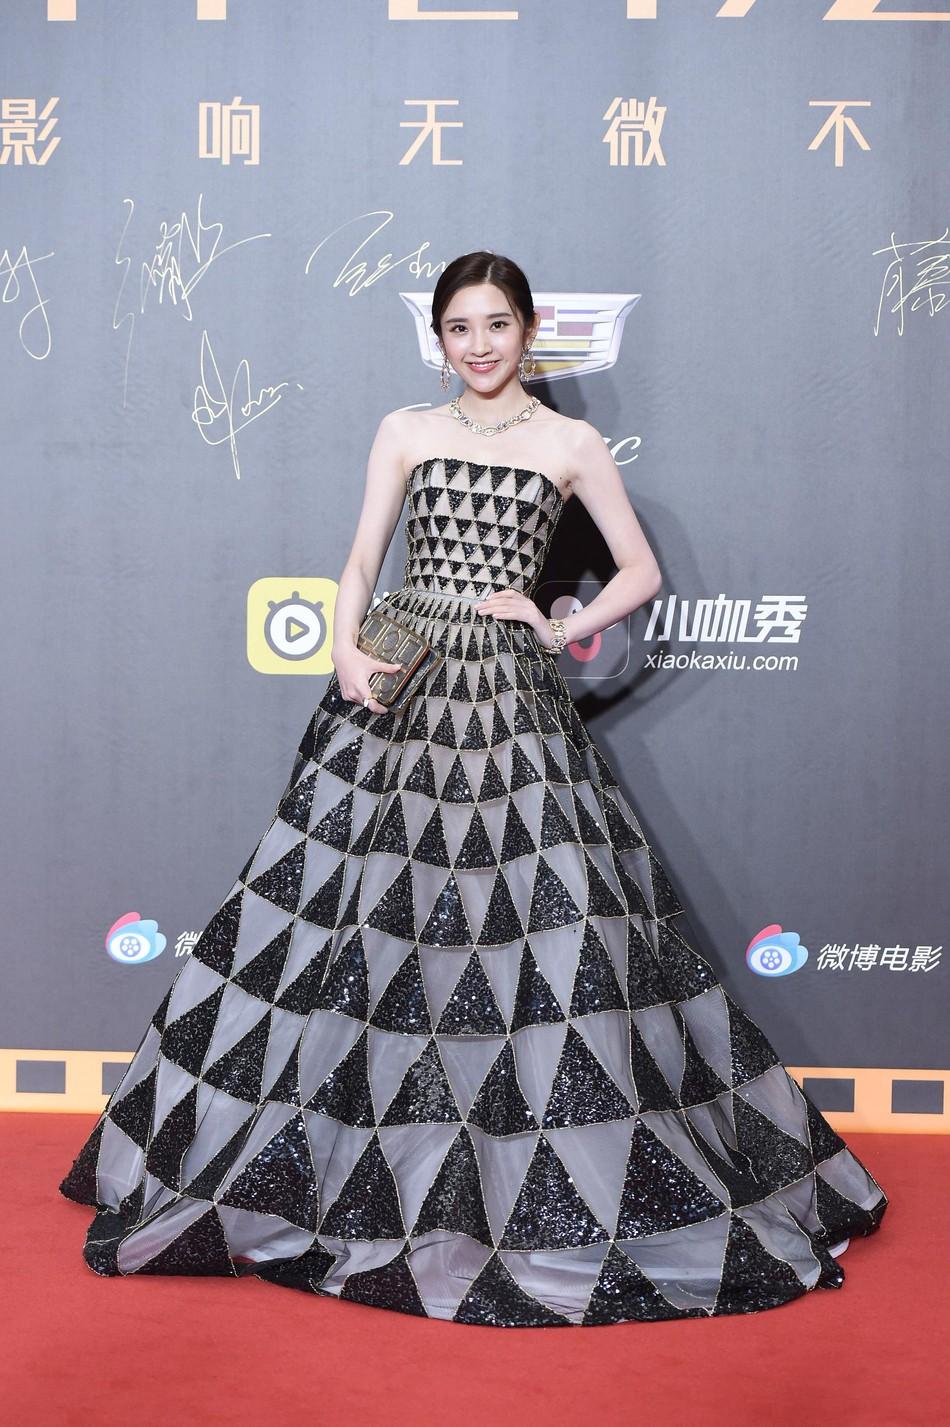 Thảm đỏ Weibo: Kim Kardarshian Trung Quốc o ép vòng 1 bức thở bên Thư Kỳ, Dương Siêu Việt khoe nhan sắc không tì vết - Ảnh 15.